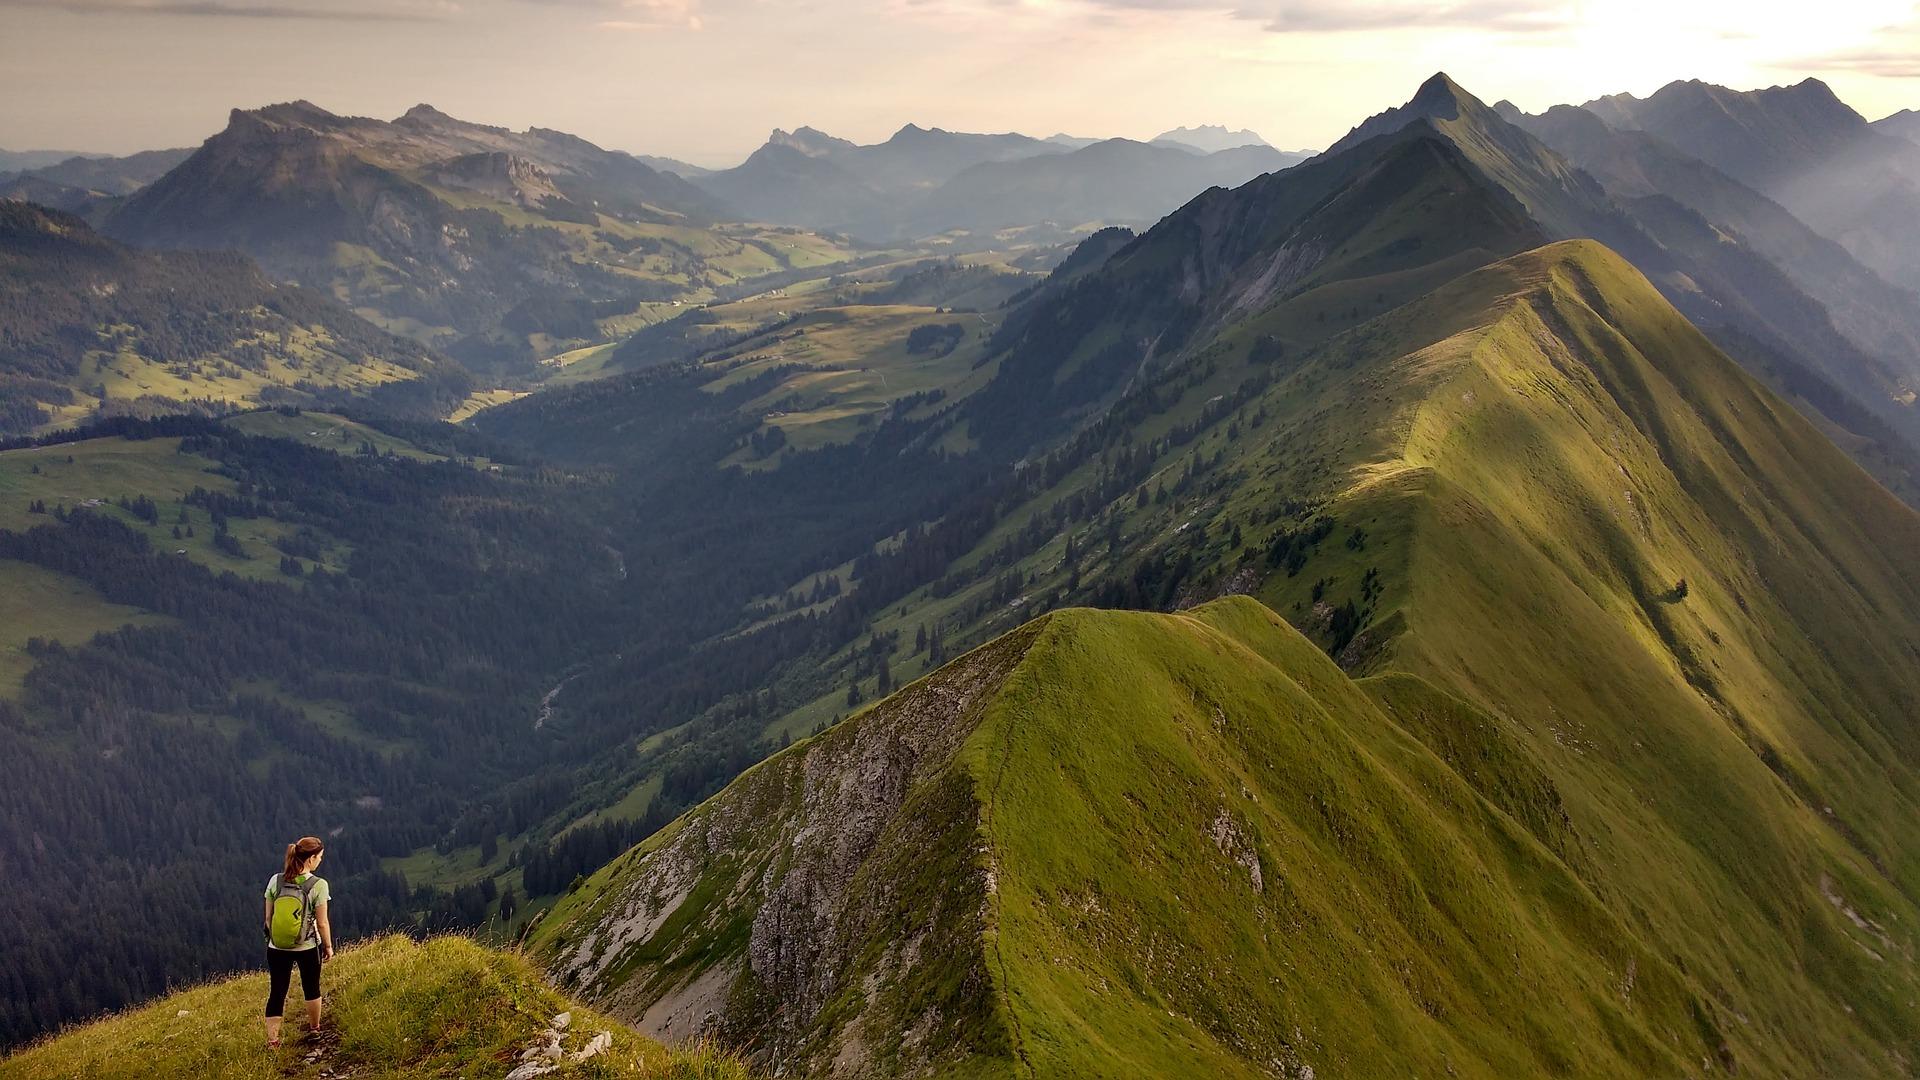 Interlaken hiking trails